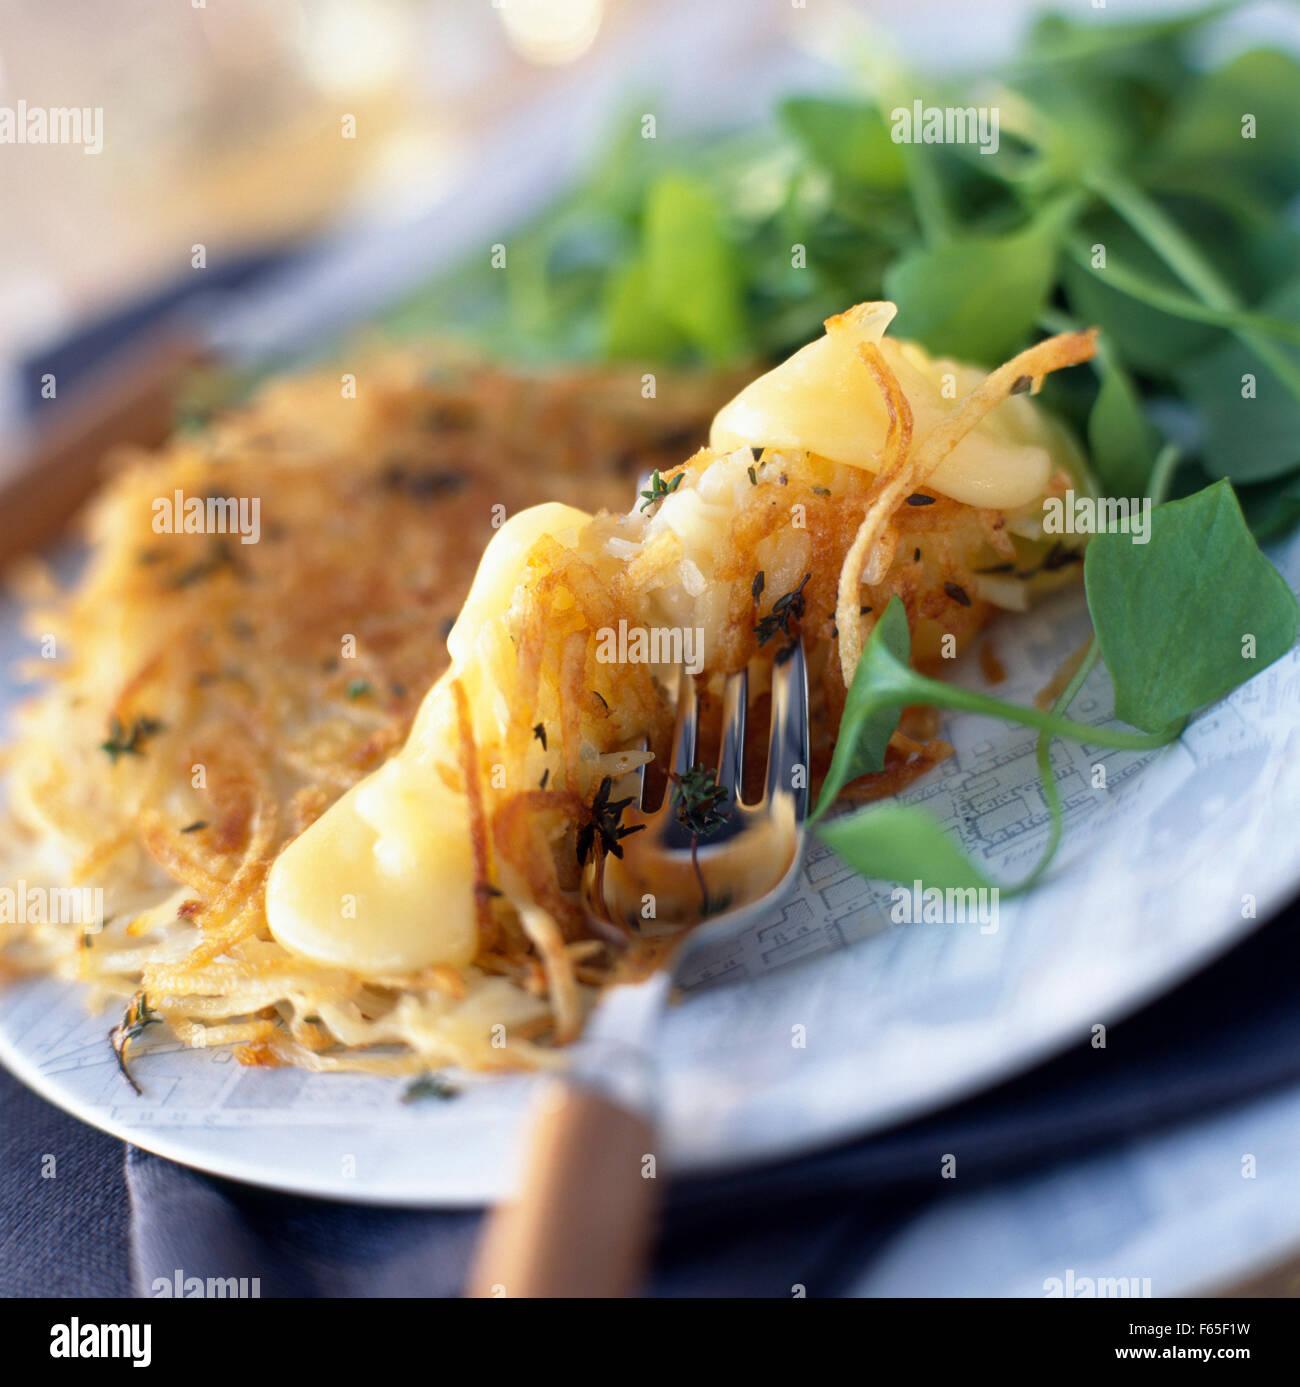 Saint-Nectaire und Kartoffel herzhafte Pfannkuchen Stockfoto